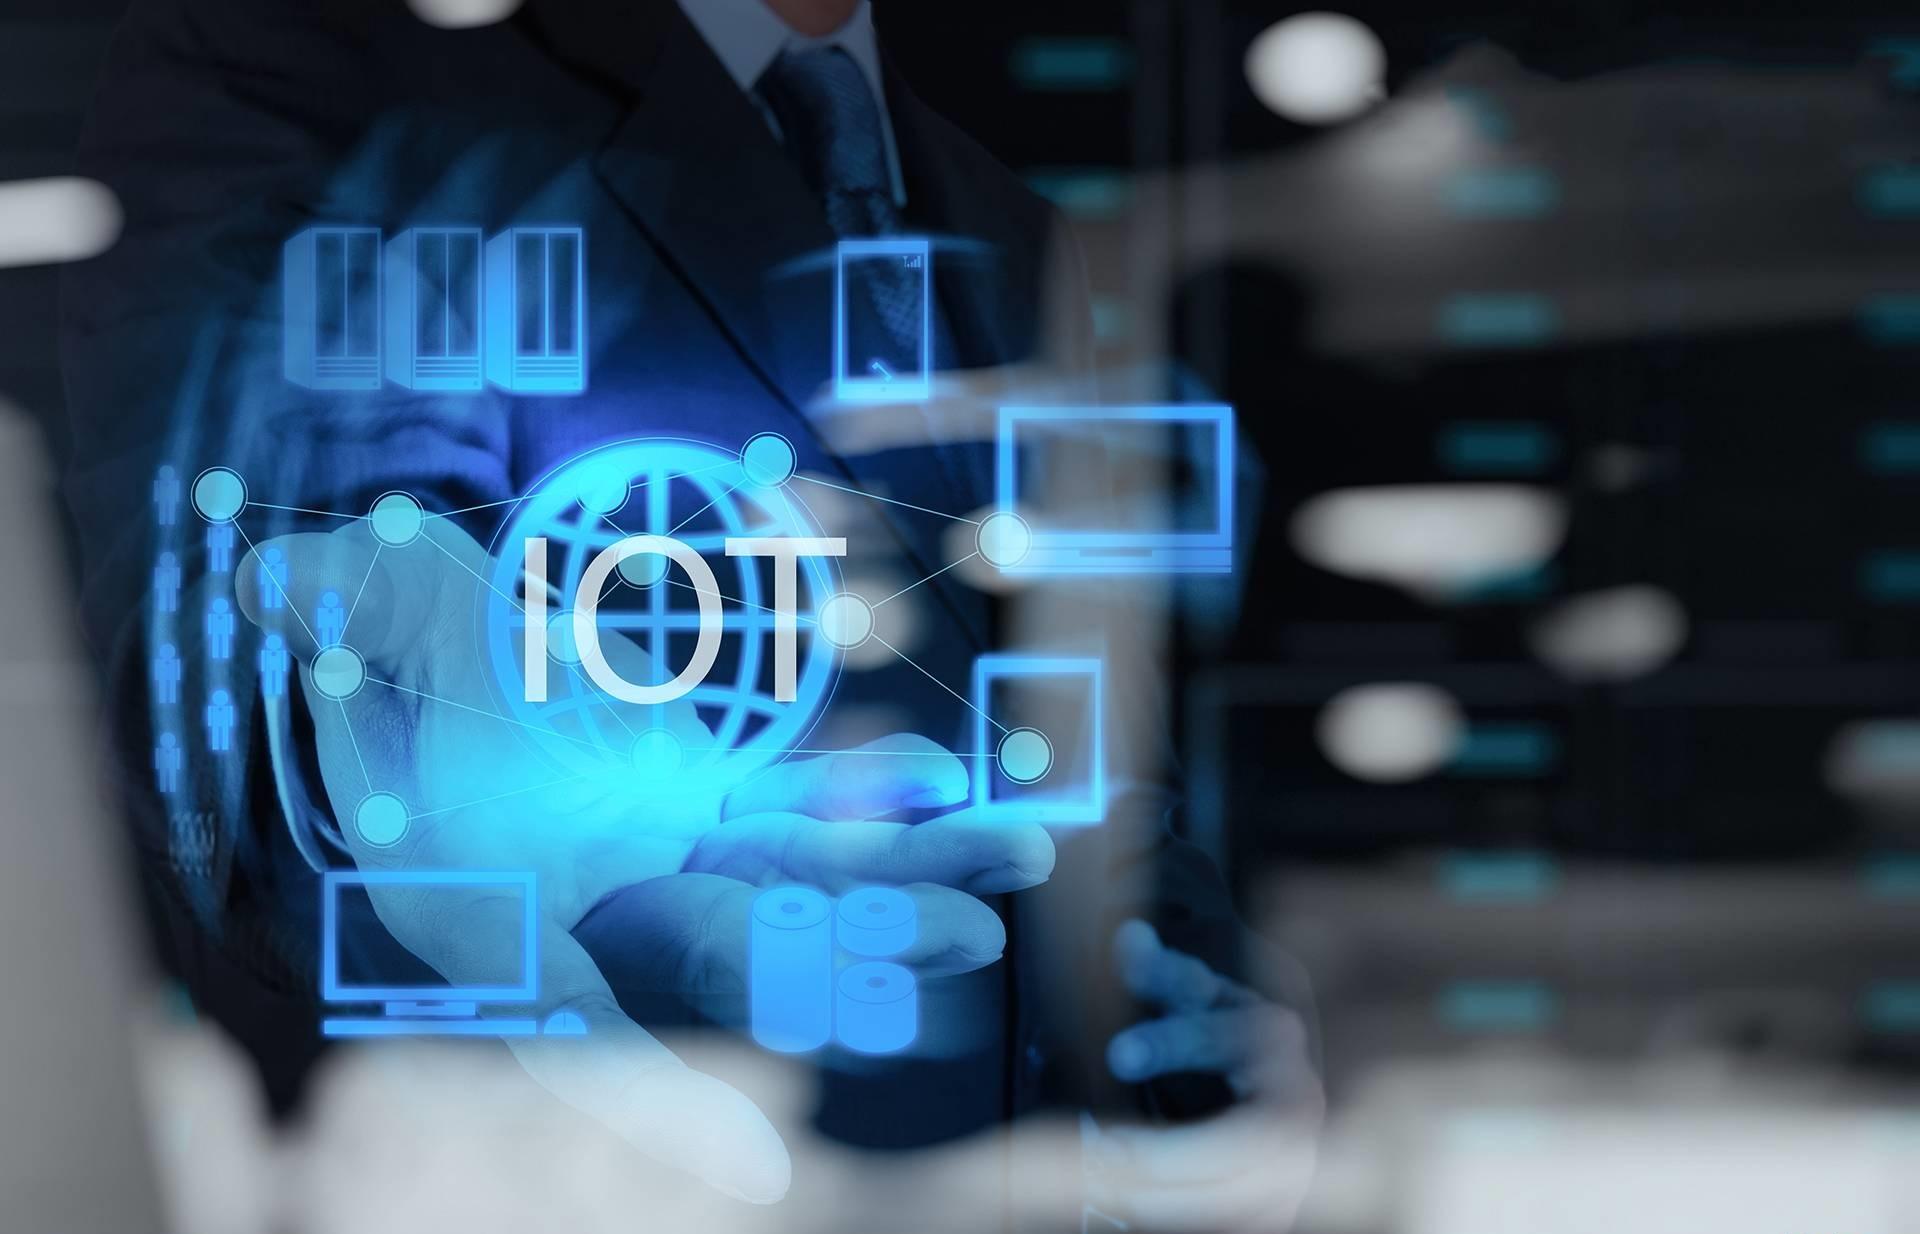 嵌入式系统在物联网时代将发挥更大的作用